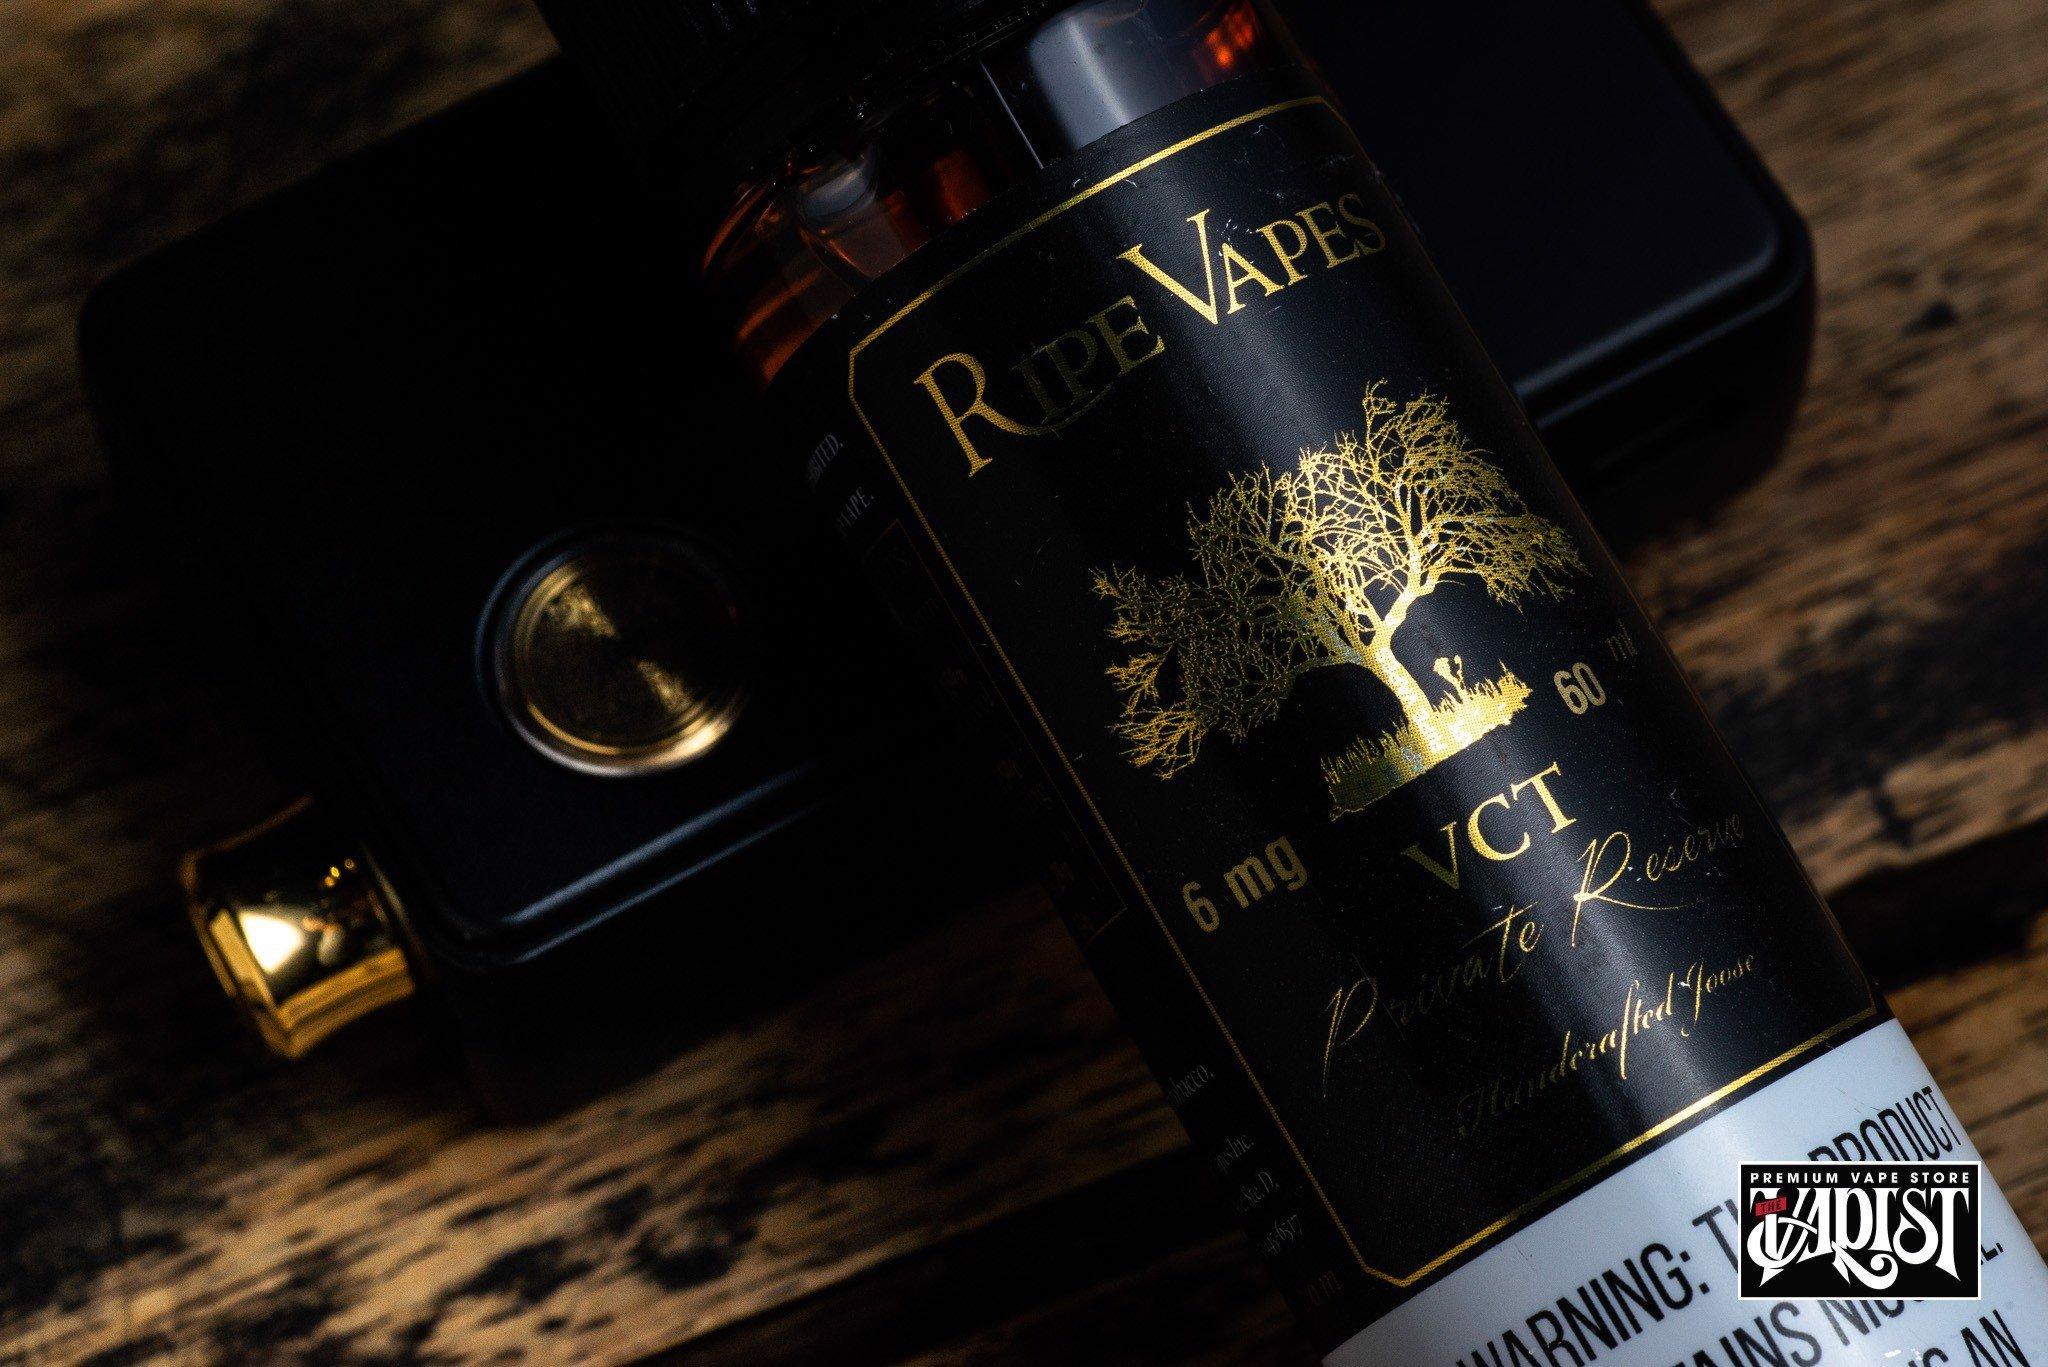 Ripe Vapes VCT Private Reserve